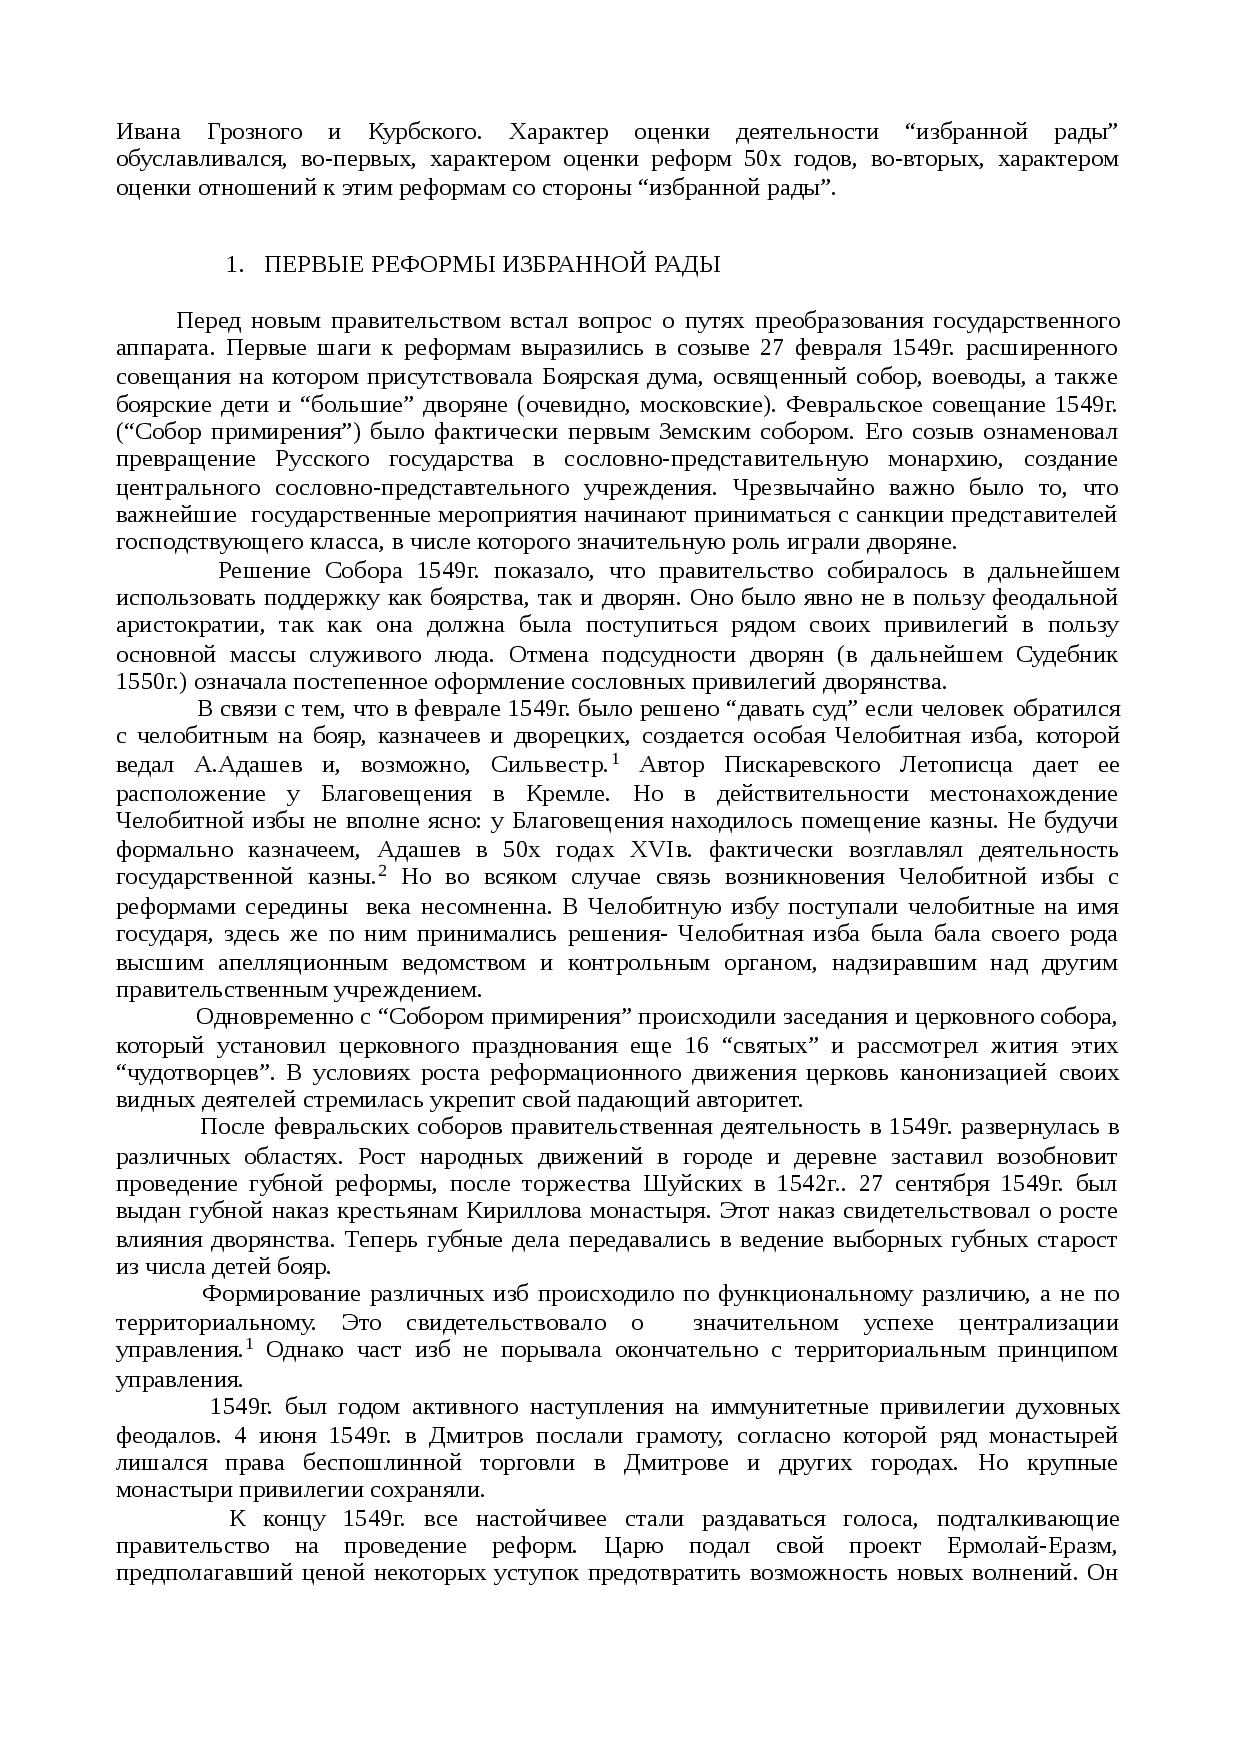 1550 год событие на руси